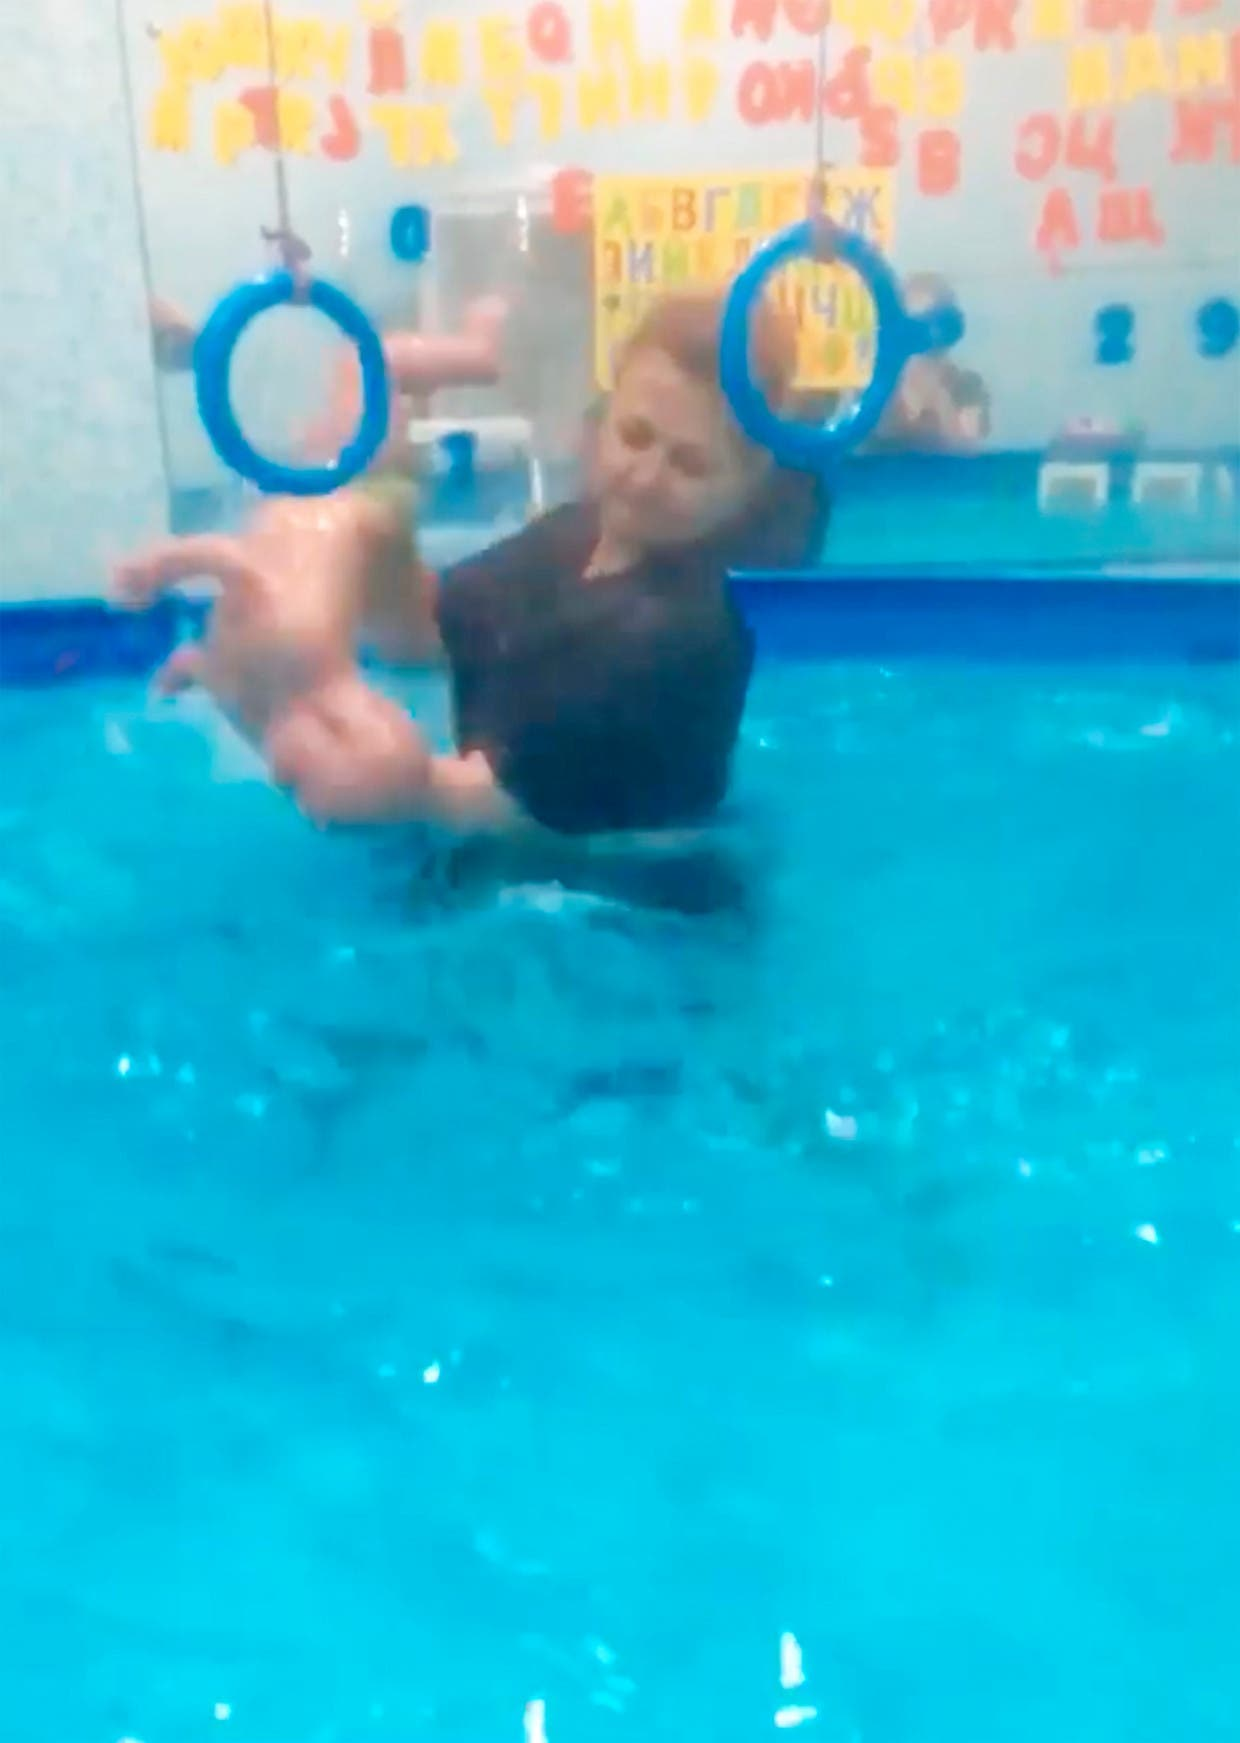 coach de natation est accusé de violenter des bébés handicapés